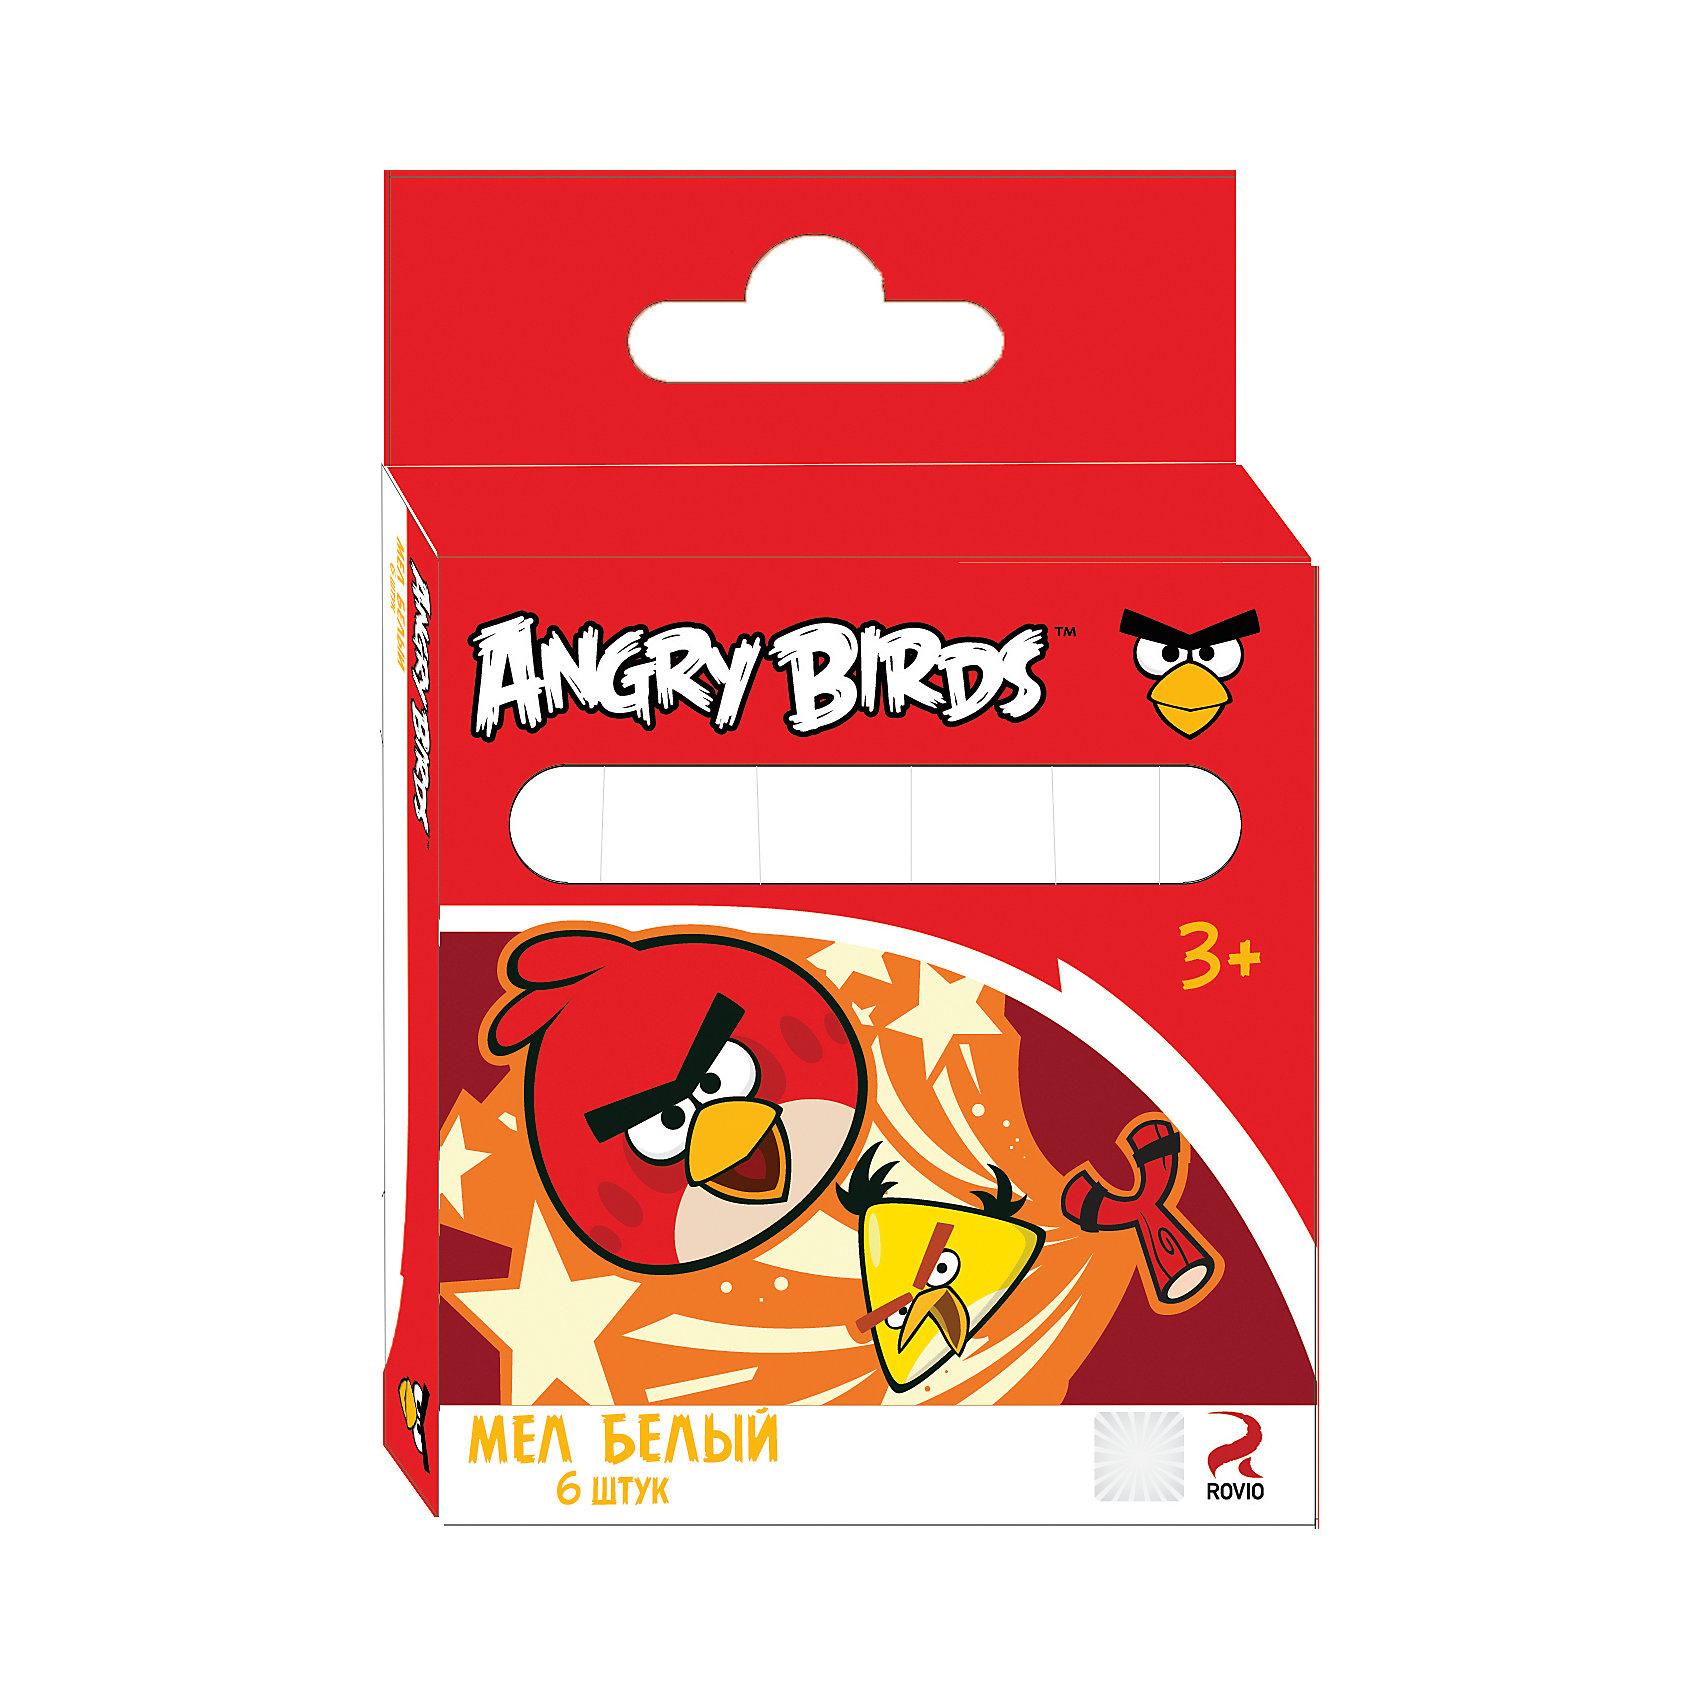 Белый мел Angry Birds 6 штБелый мел Angry Birds пригодится везде - в школе, детском саду, дома, на прогулке. Он выполнен из высококачественного натурального сырья, не крошится, легко смывается водой, а яркая коробка с изображением популярных героев не оставит равнодушным ни одного любителя сердитых птичек. <br><br>Дополнительная информация:<br>- цвет: белый<br>- количество: 6 штук<br>- картонная упаковка с европодвесом<br><br>Белый мел Angry Birds можно купить в нашем интернет-магазине<br><br>Ширина мм: 12<br>Глубина мм: 75<br>Высота мм: 108<br>Вес г: 85<br>Возраст от месяцев: 36<br>Возраст до месяцев: 96<br>Пол: Унисекс<br>Возраст: Детский<br>SKU: 4616060